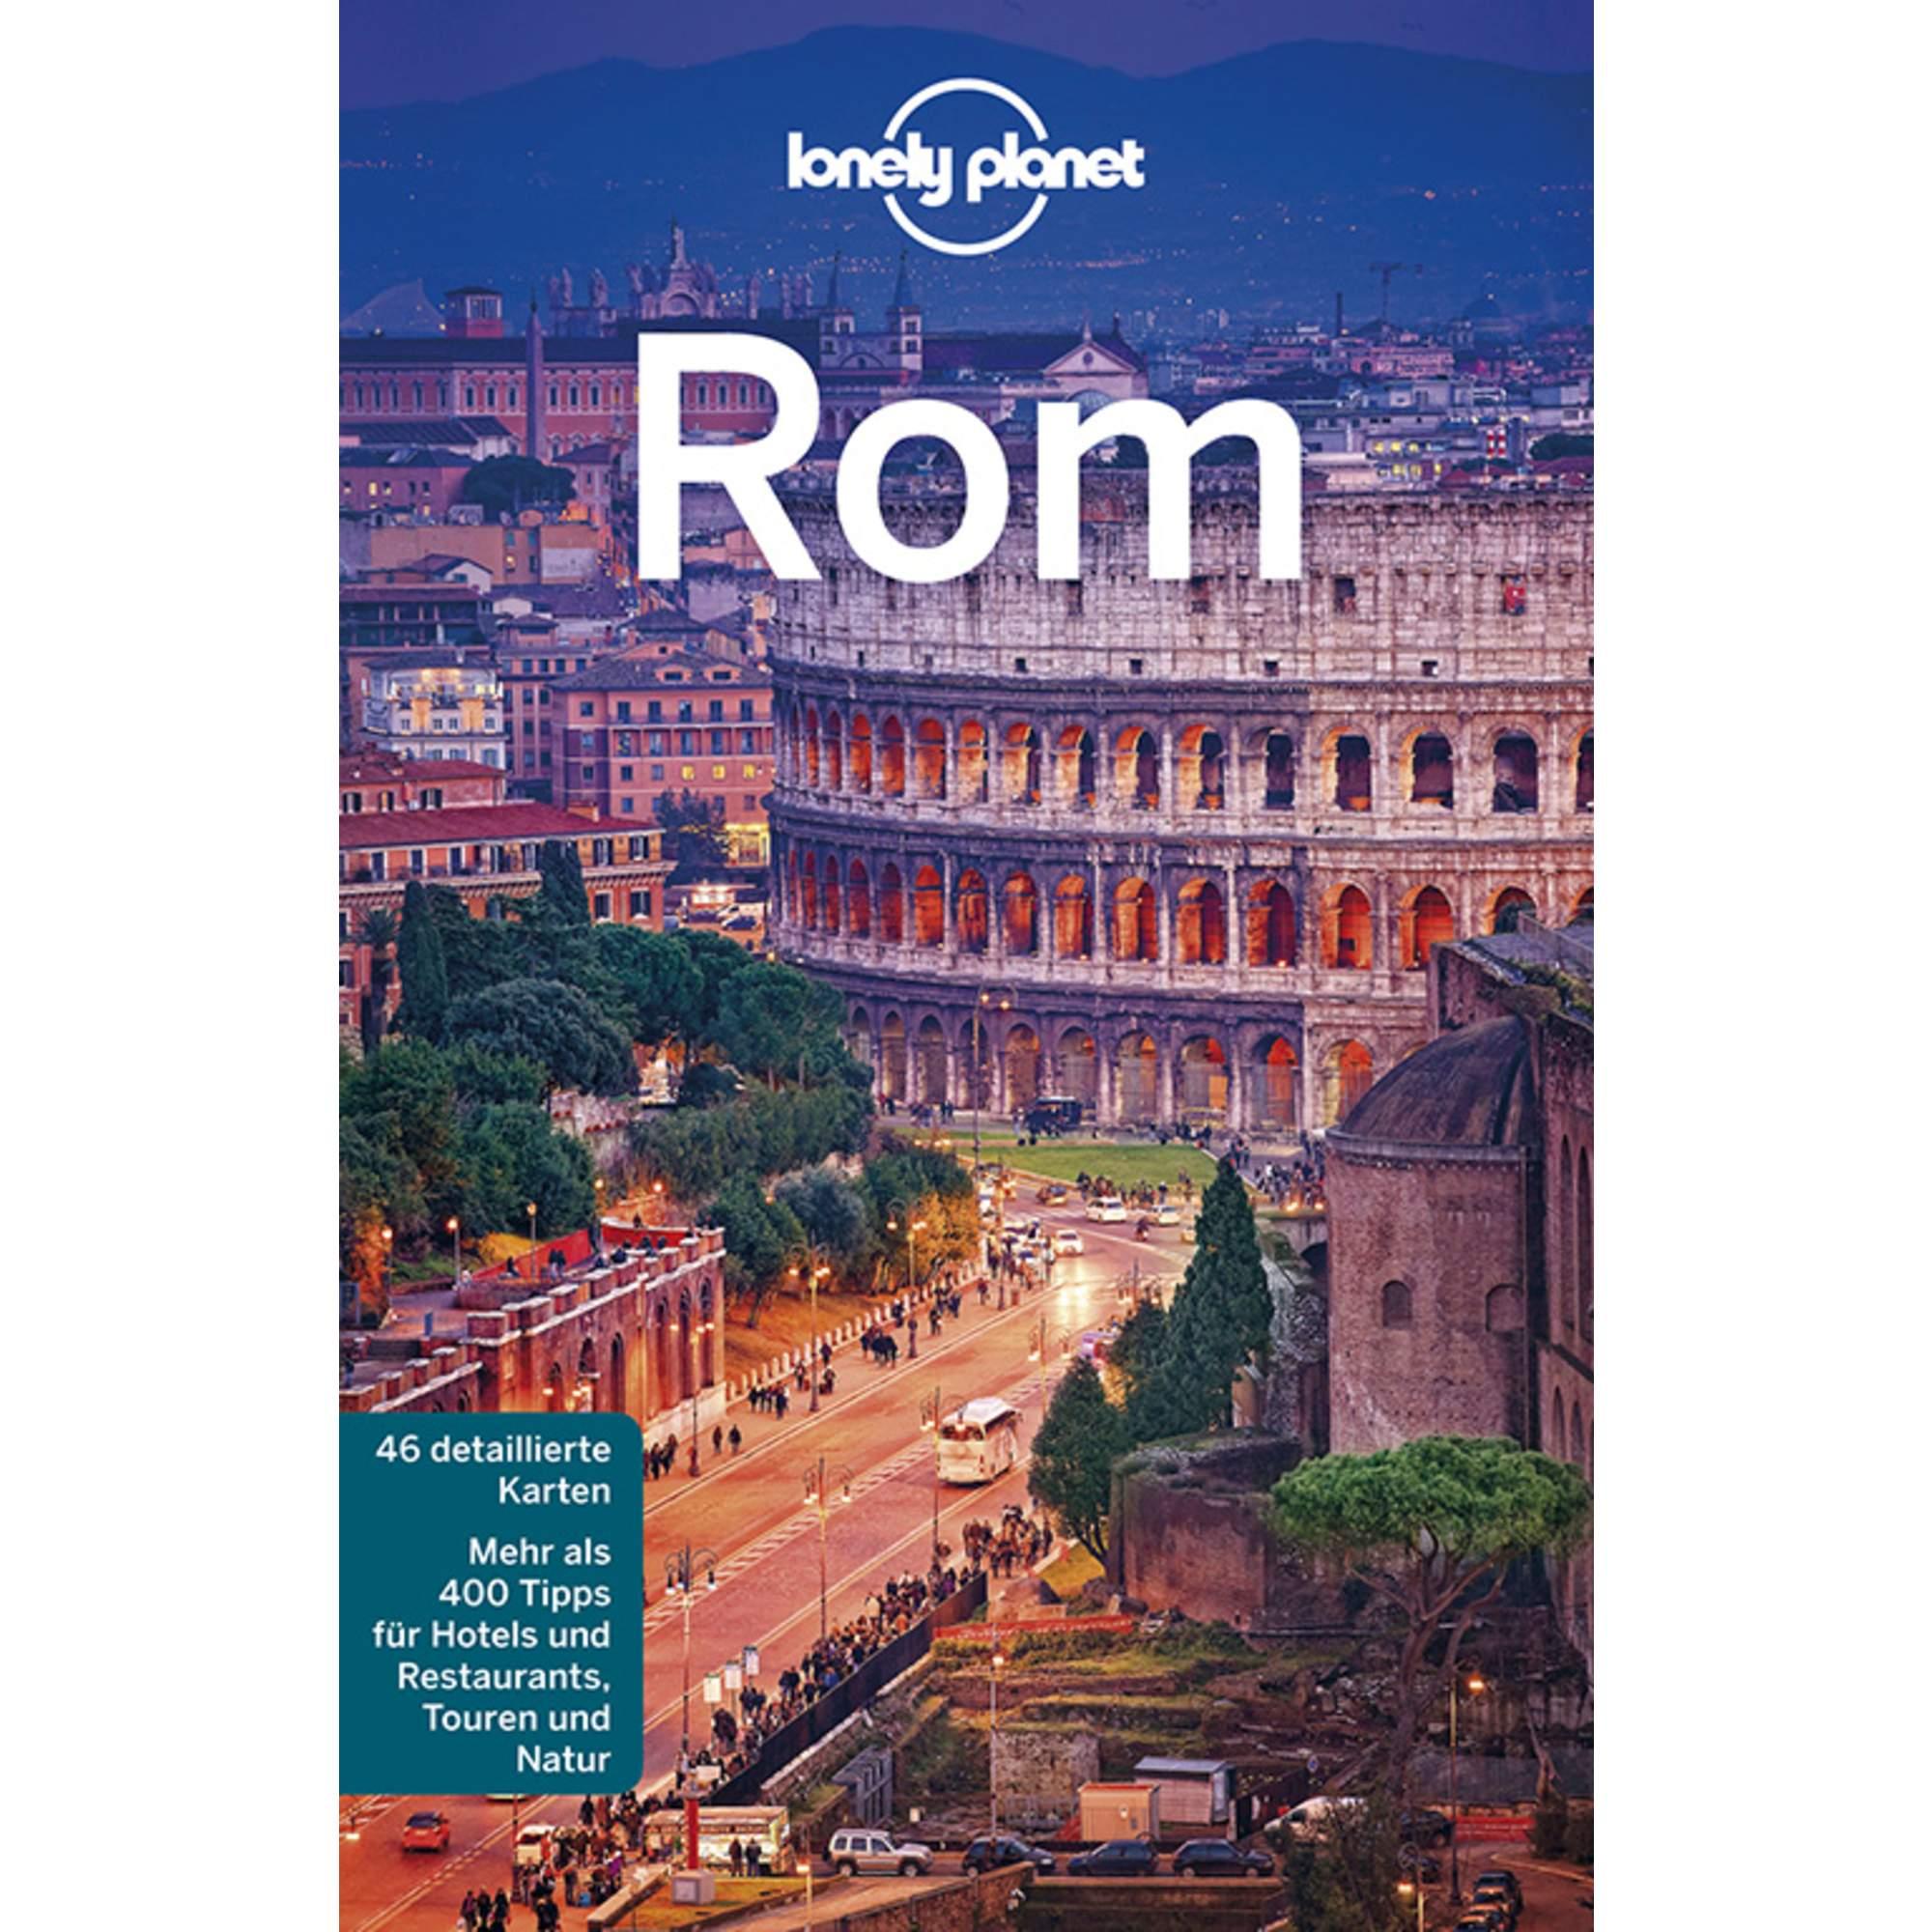 Lonely Planet Reiseführer Rom, 19,95 Euro